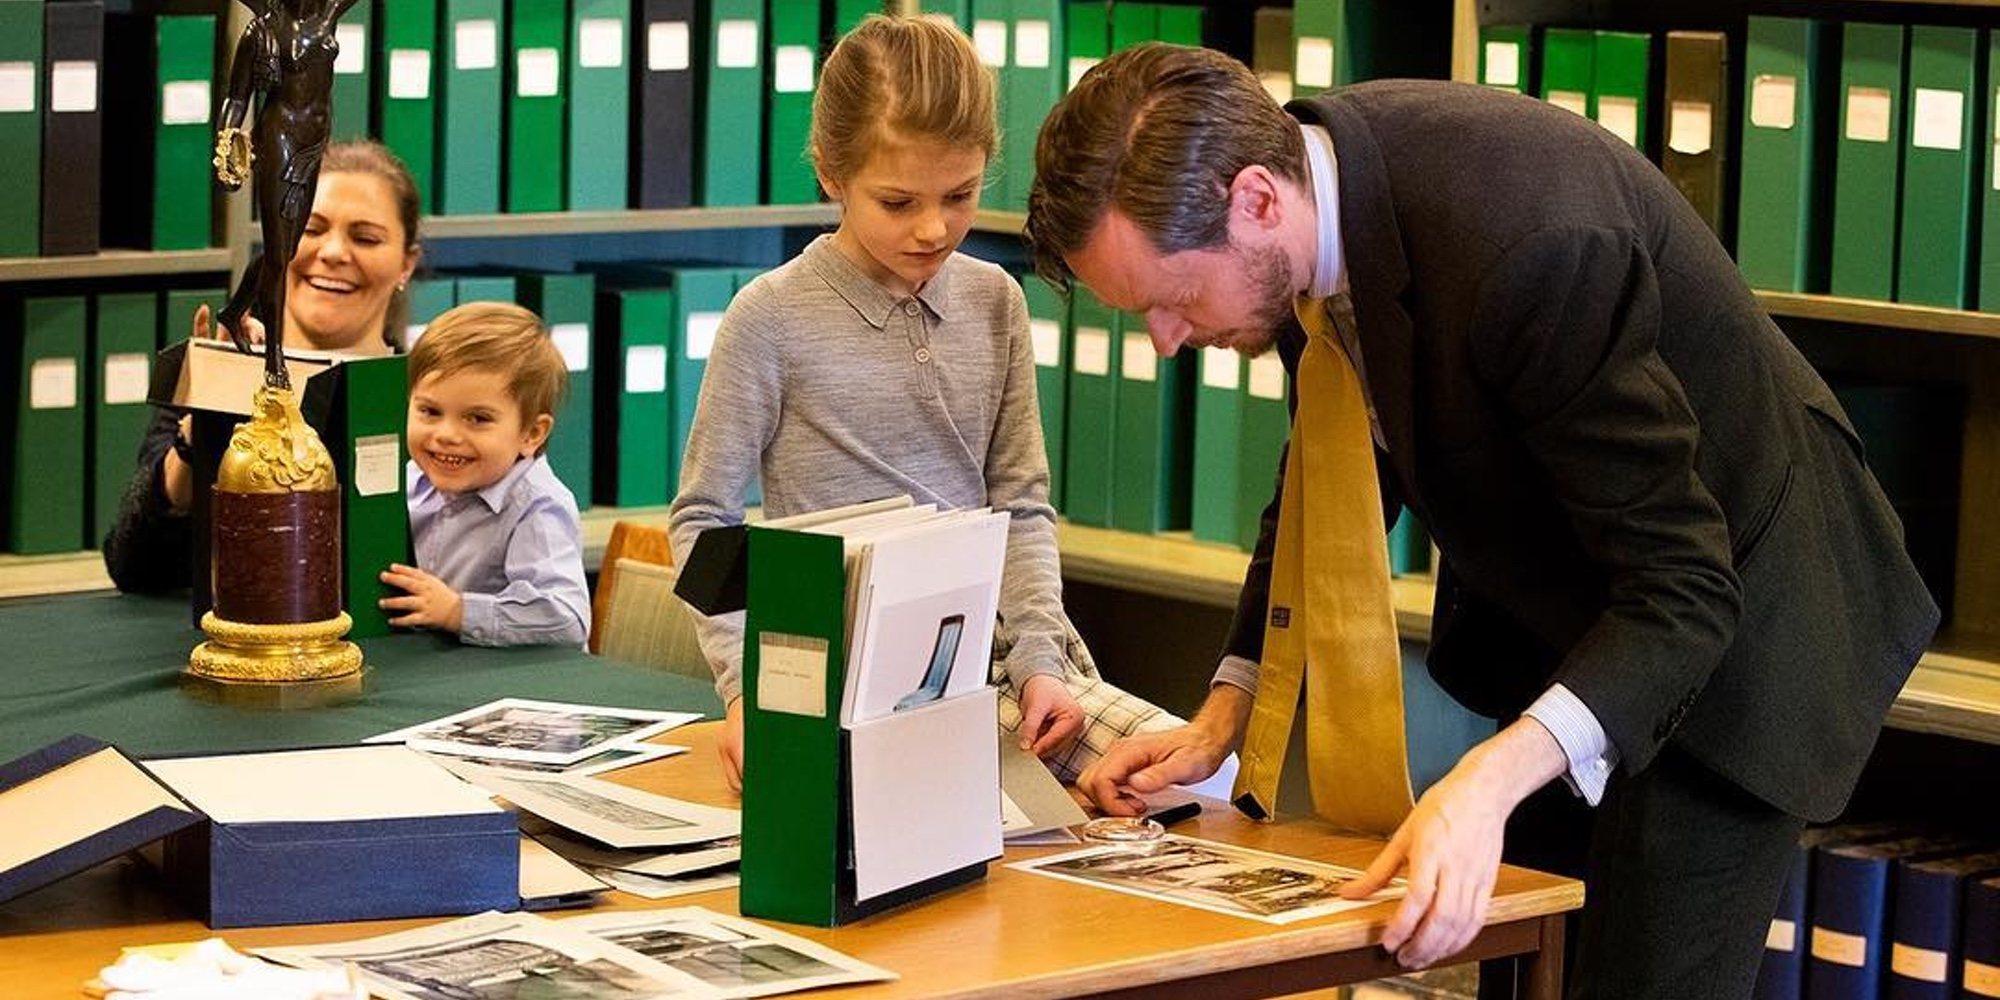 La gran semana de los principitos de Suecia: clases para ser royal, cumpleaños y una retirada